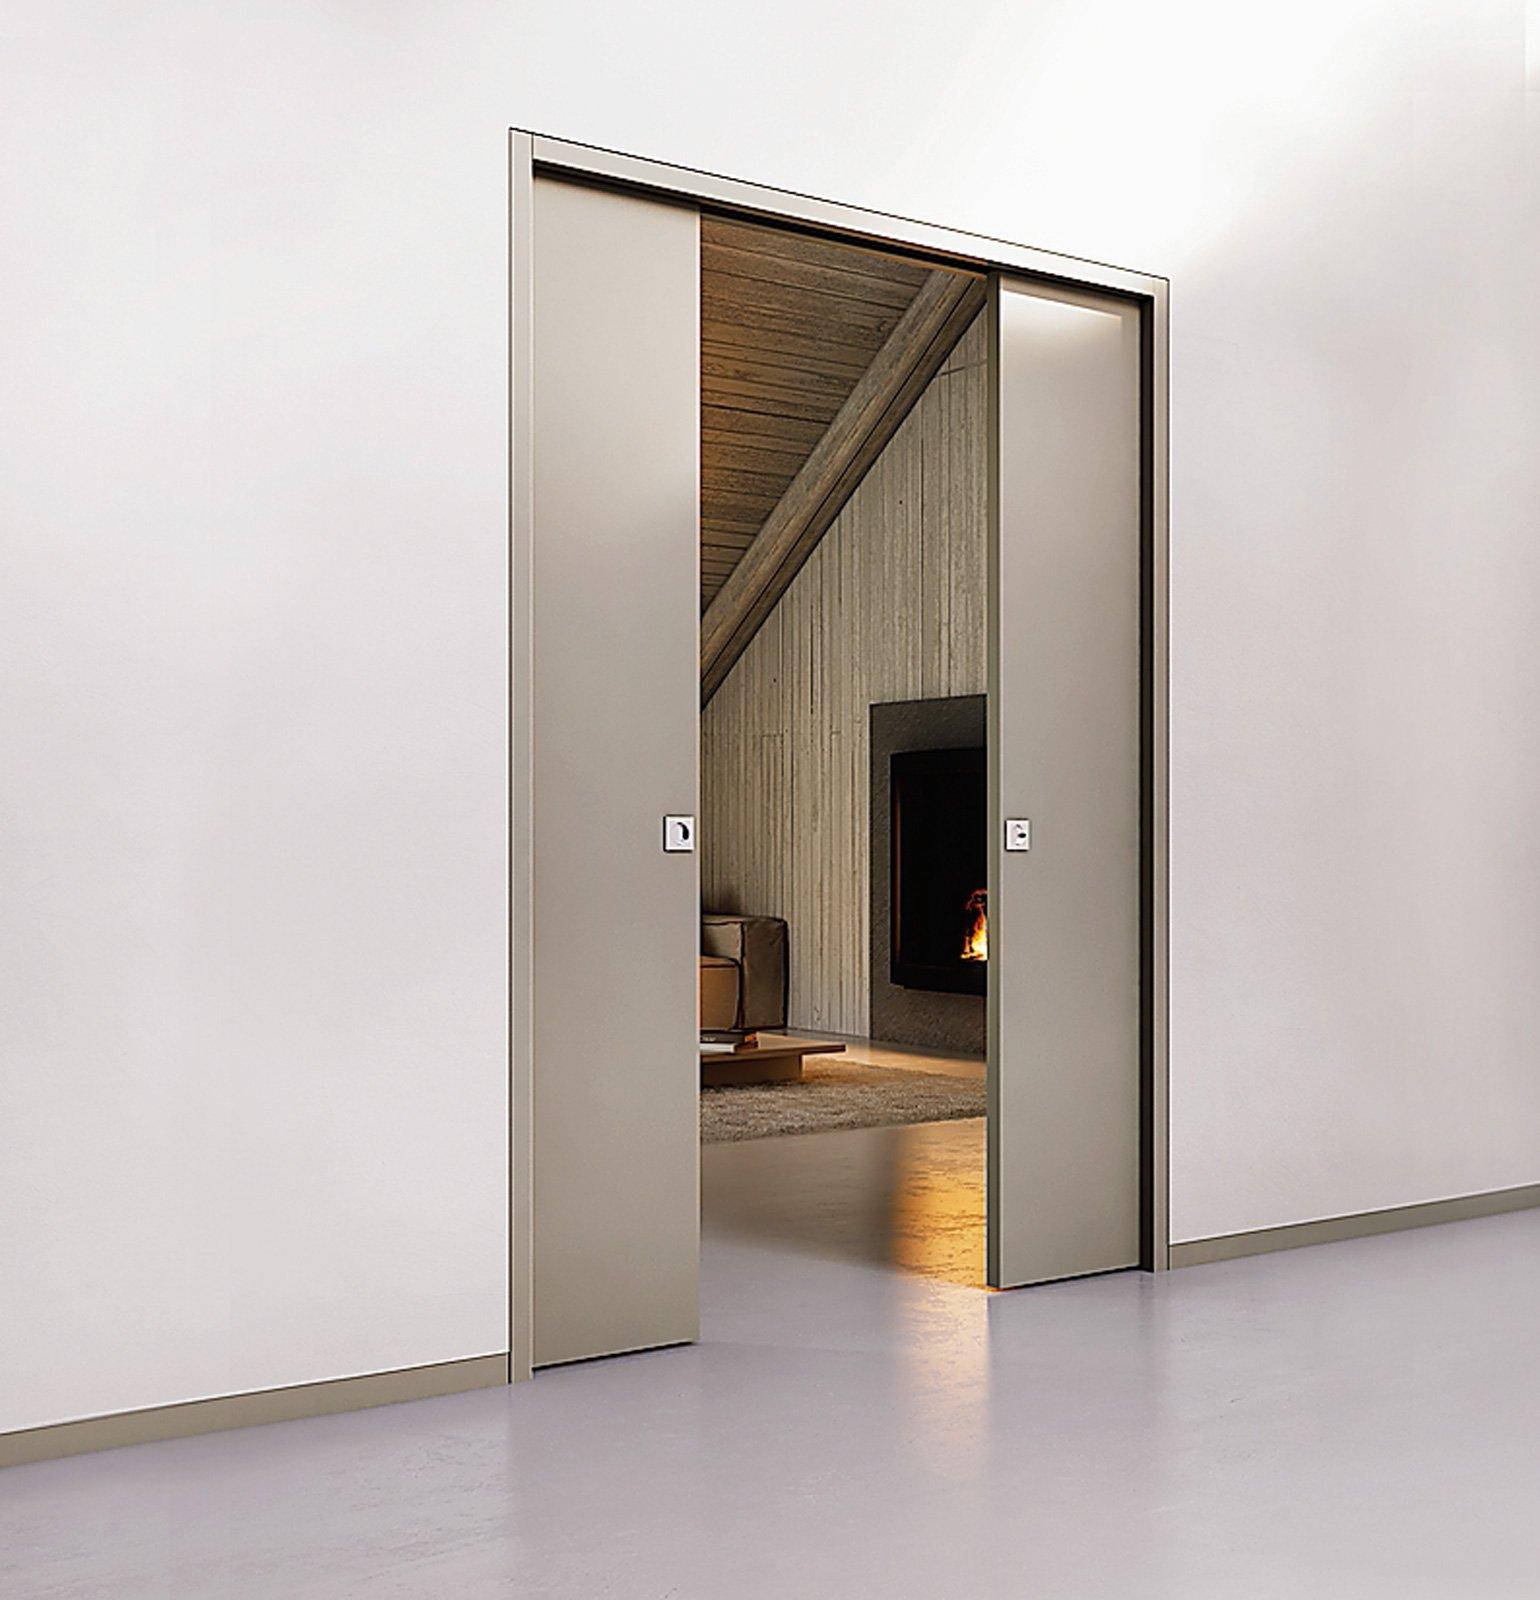 трёхразовый пеналы для раздвижных дверей картинки продумав